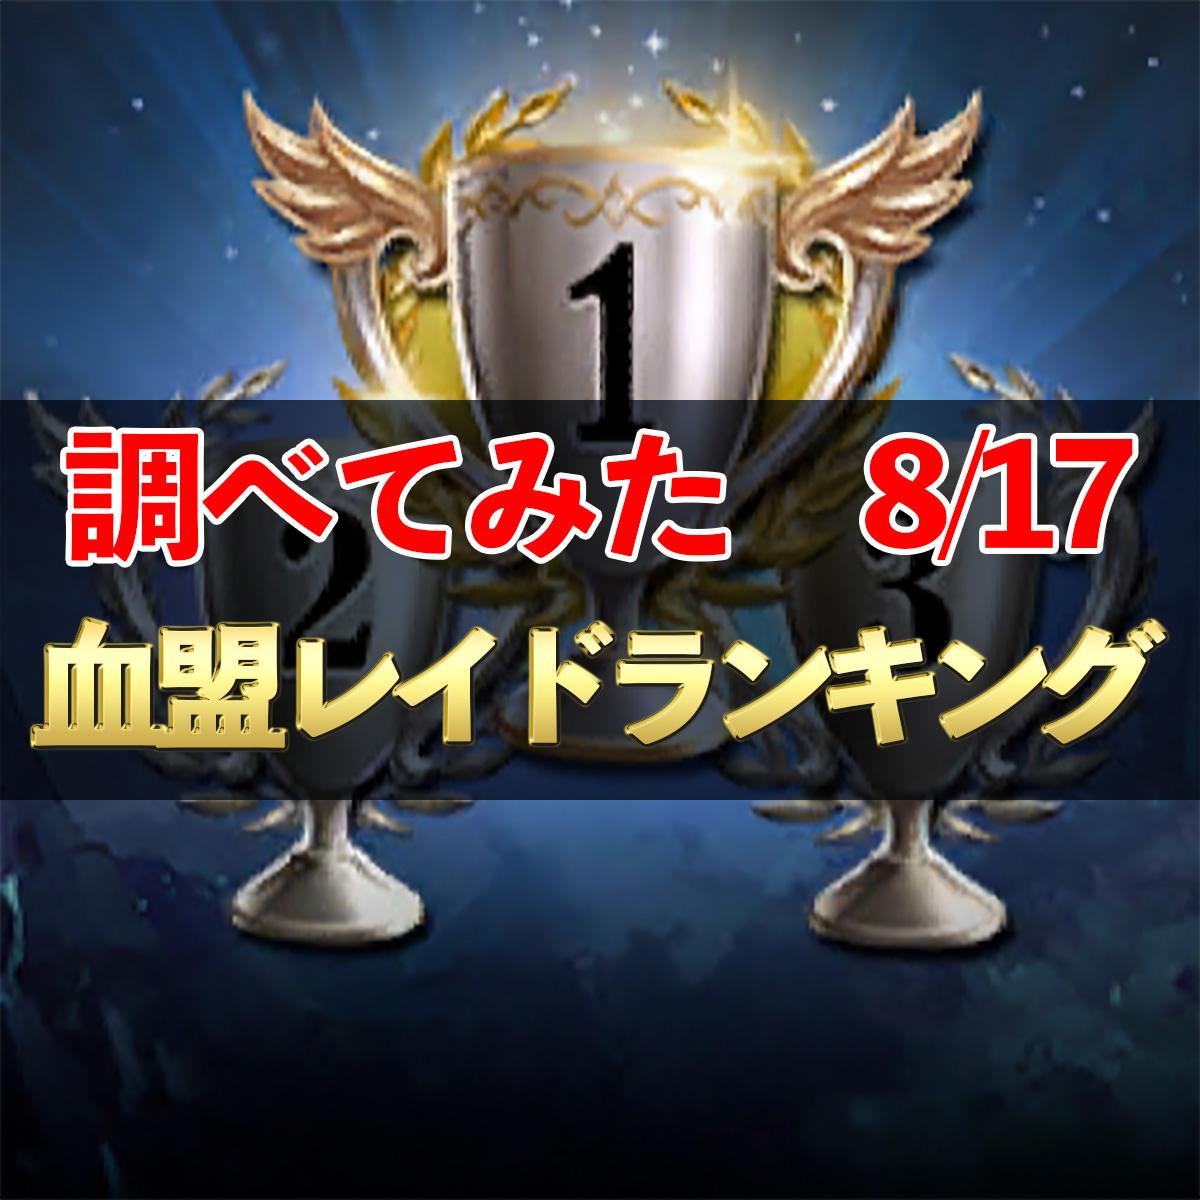 【リネレボ】血盟レイドランキング 詳しく調べてみた 8/17